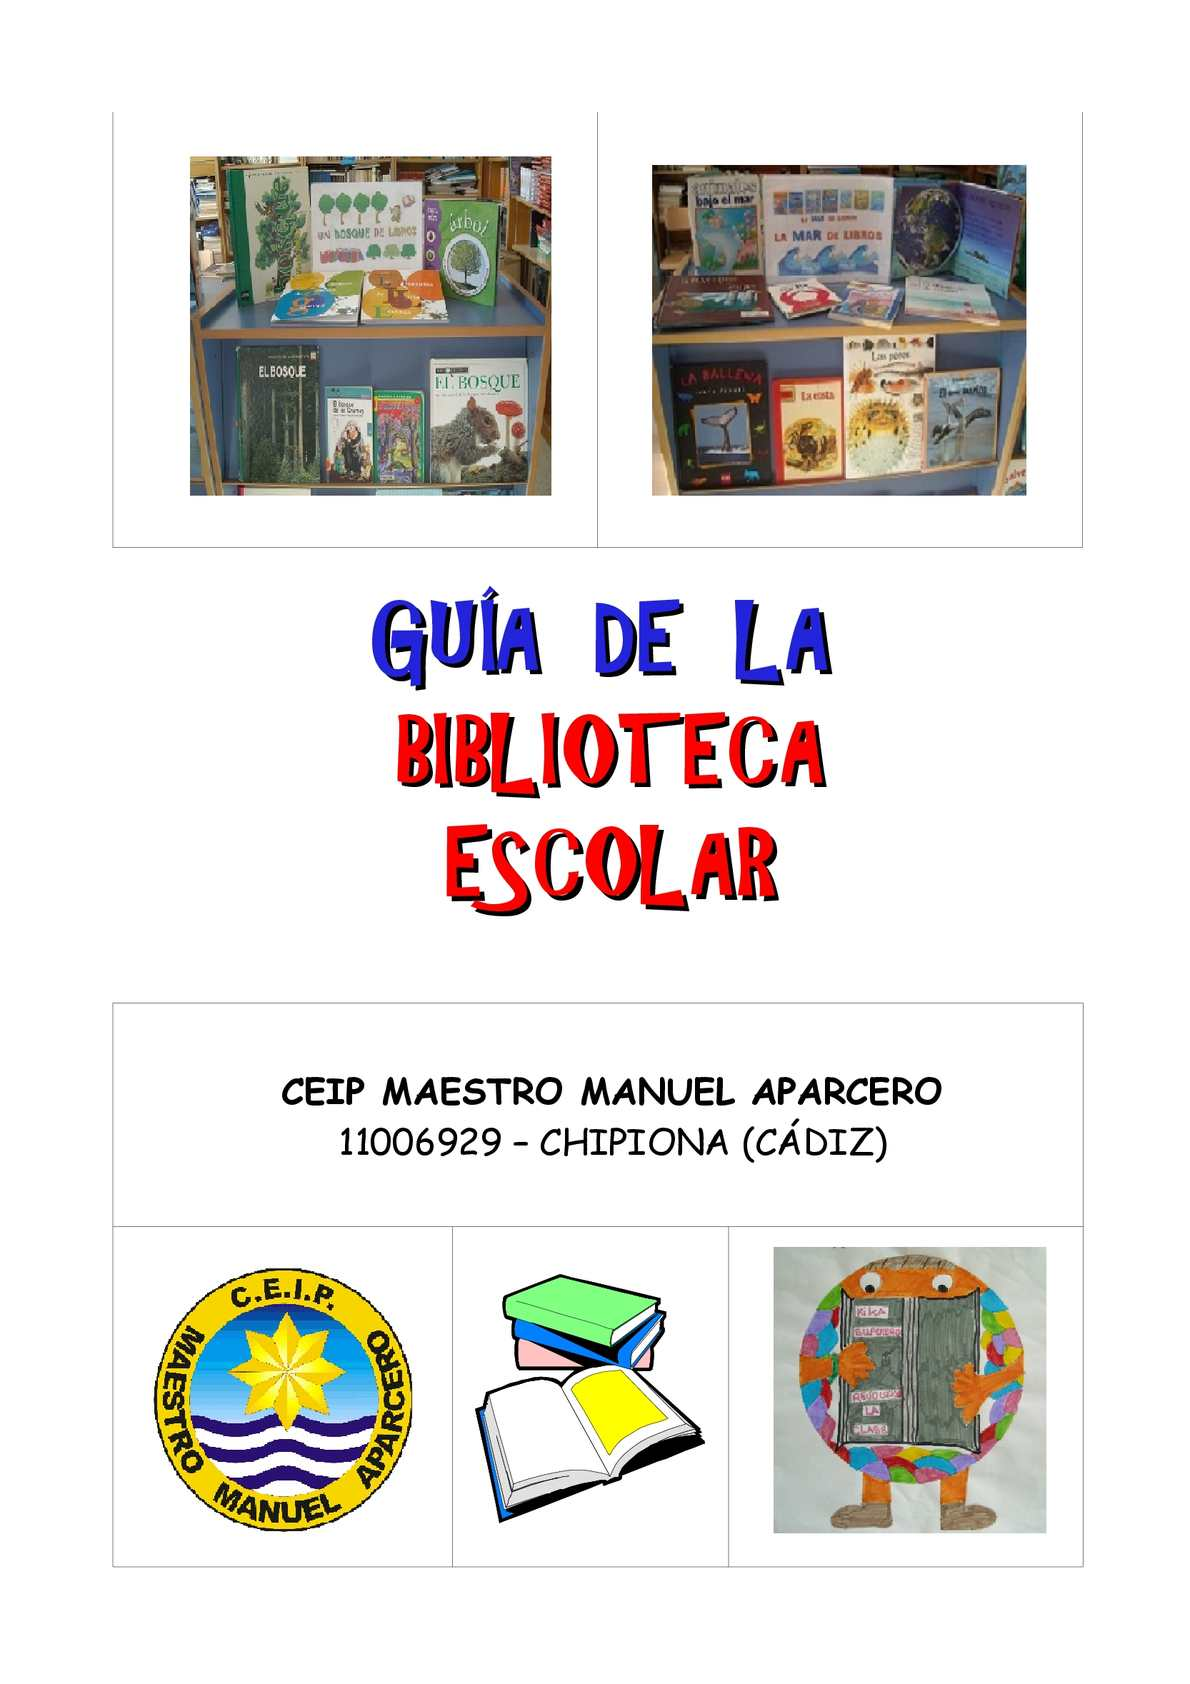 Guía Biblioteca Escolar Ceip Aparcero completa